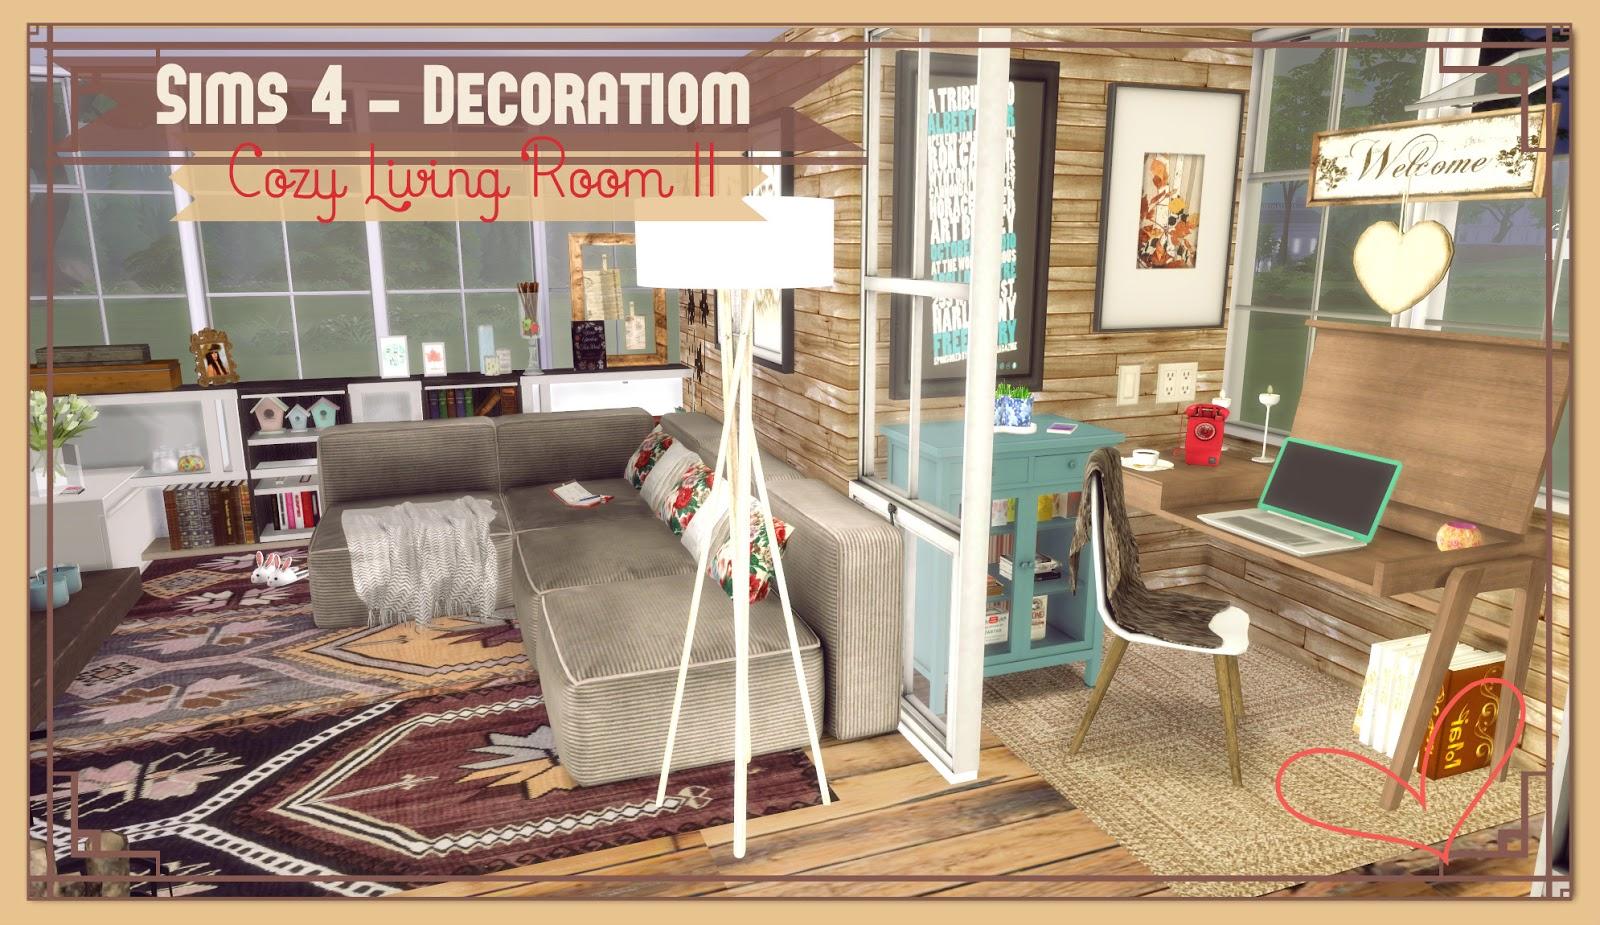 Sims 4 Cozy Living Room Ii Dinha